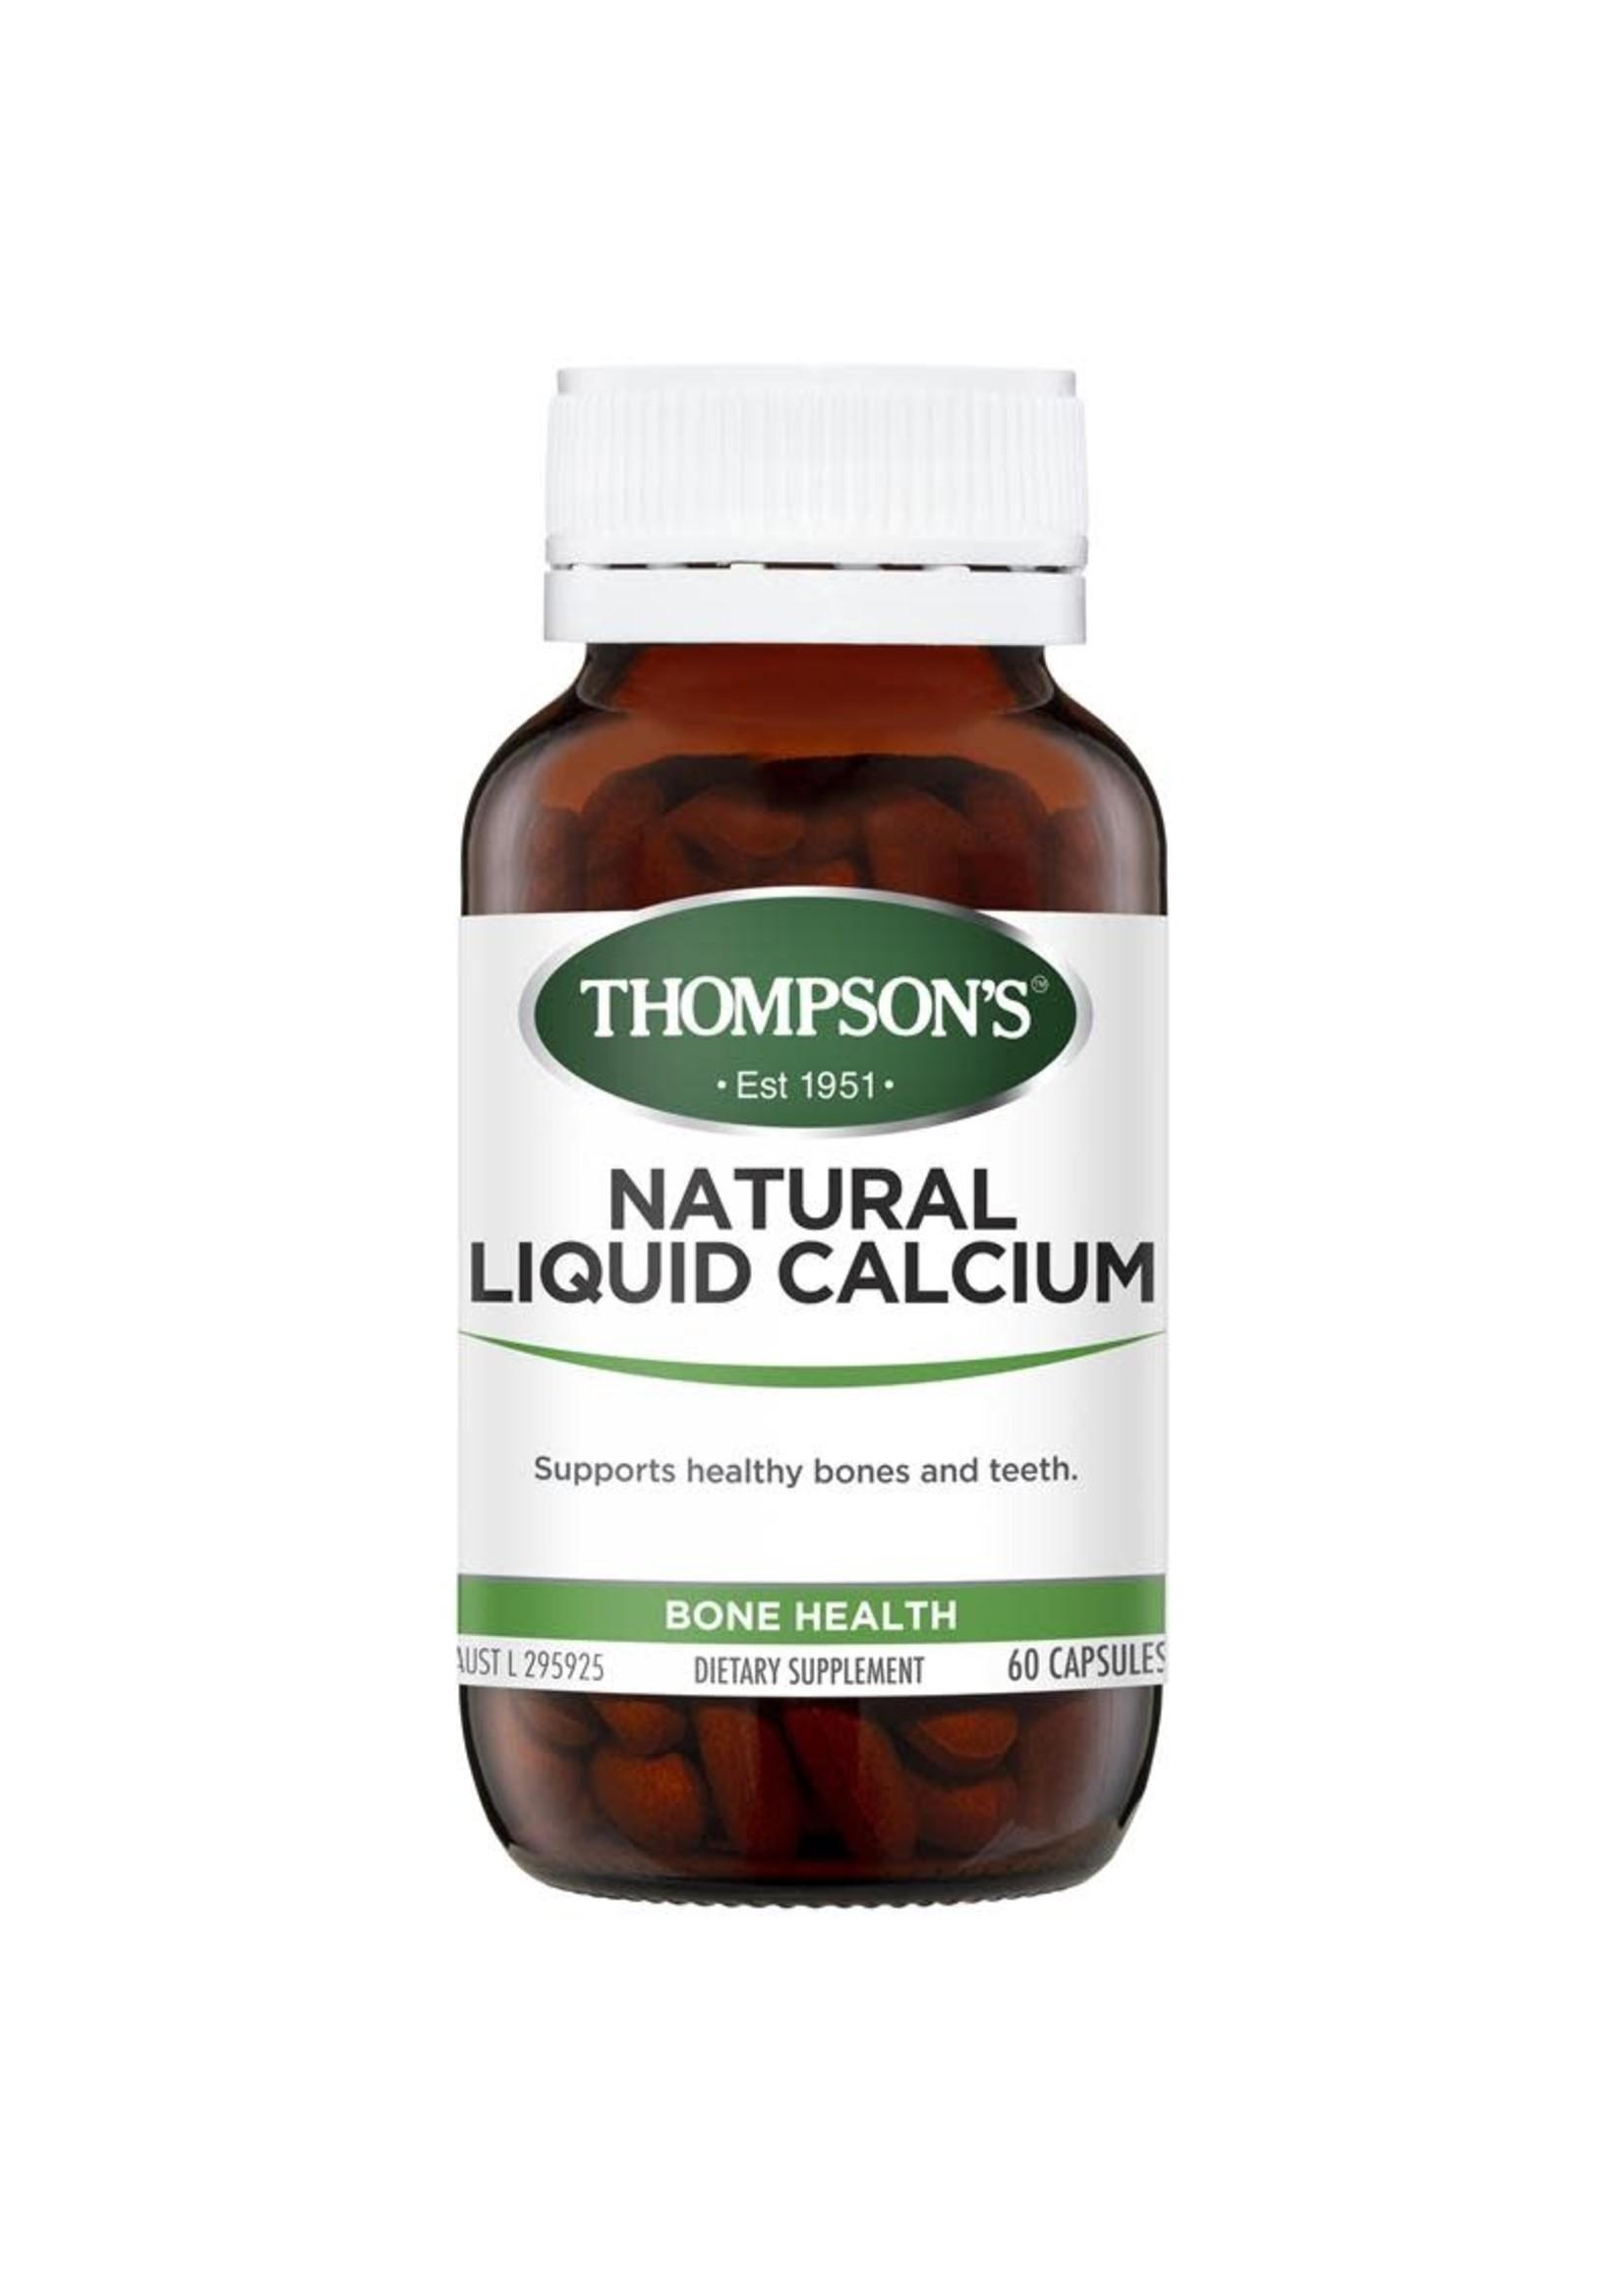 Thompson's Thompson's Natural Liquid Calcium 60 caps